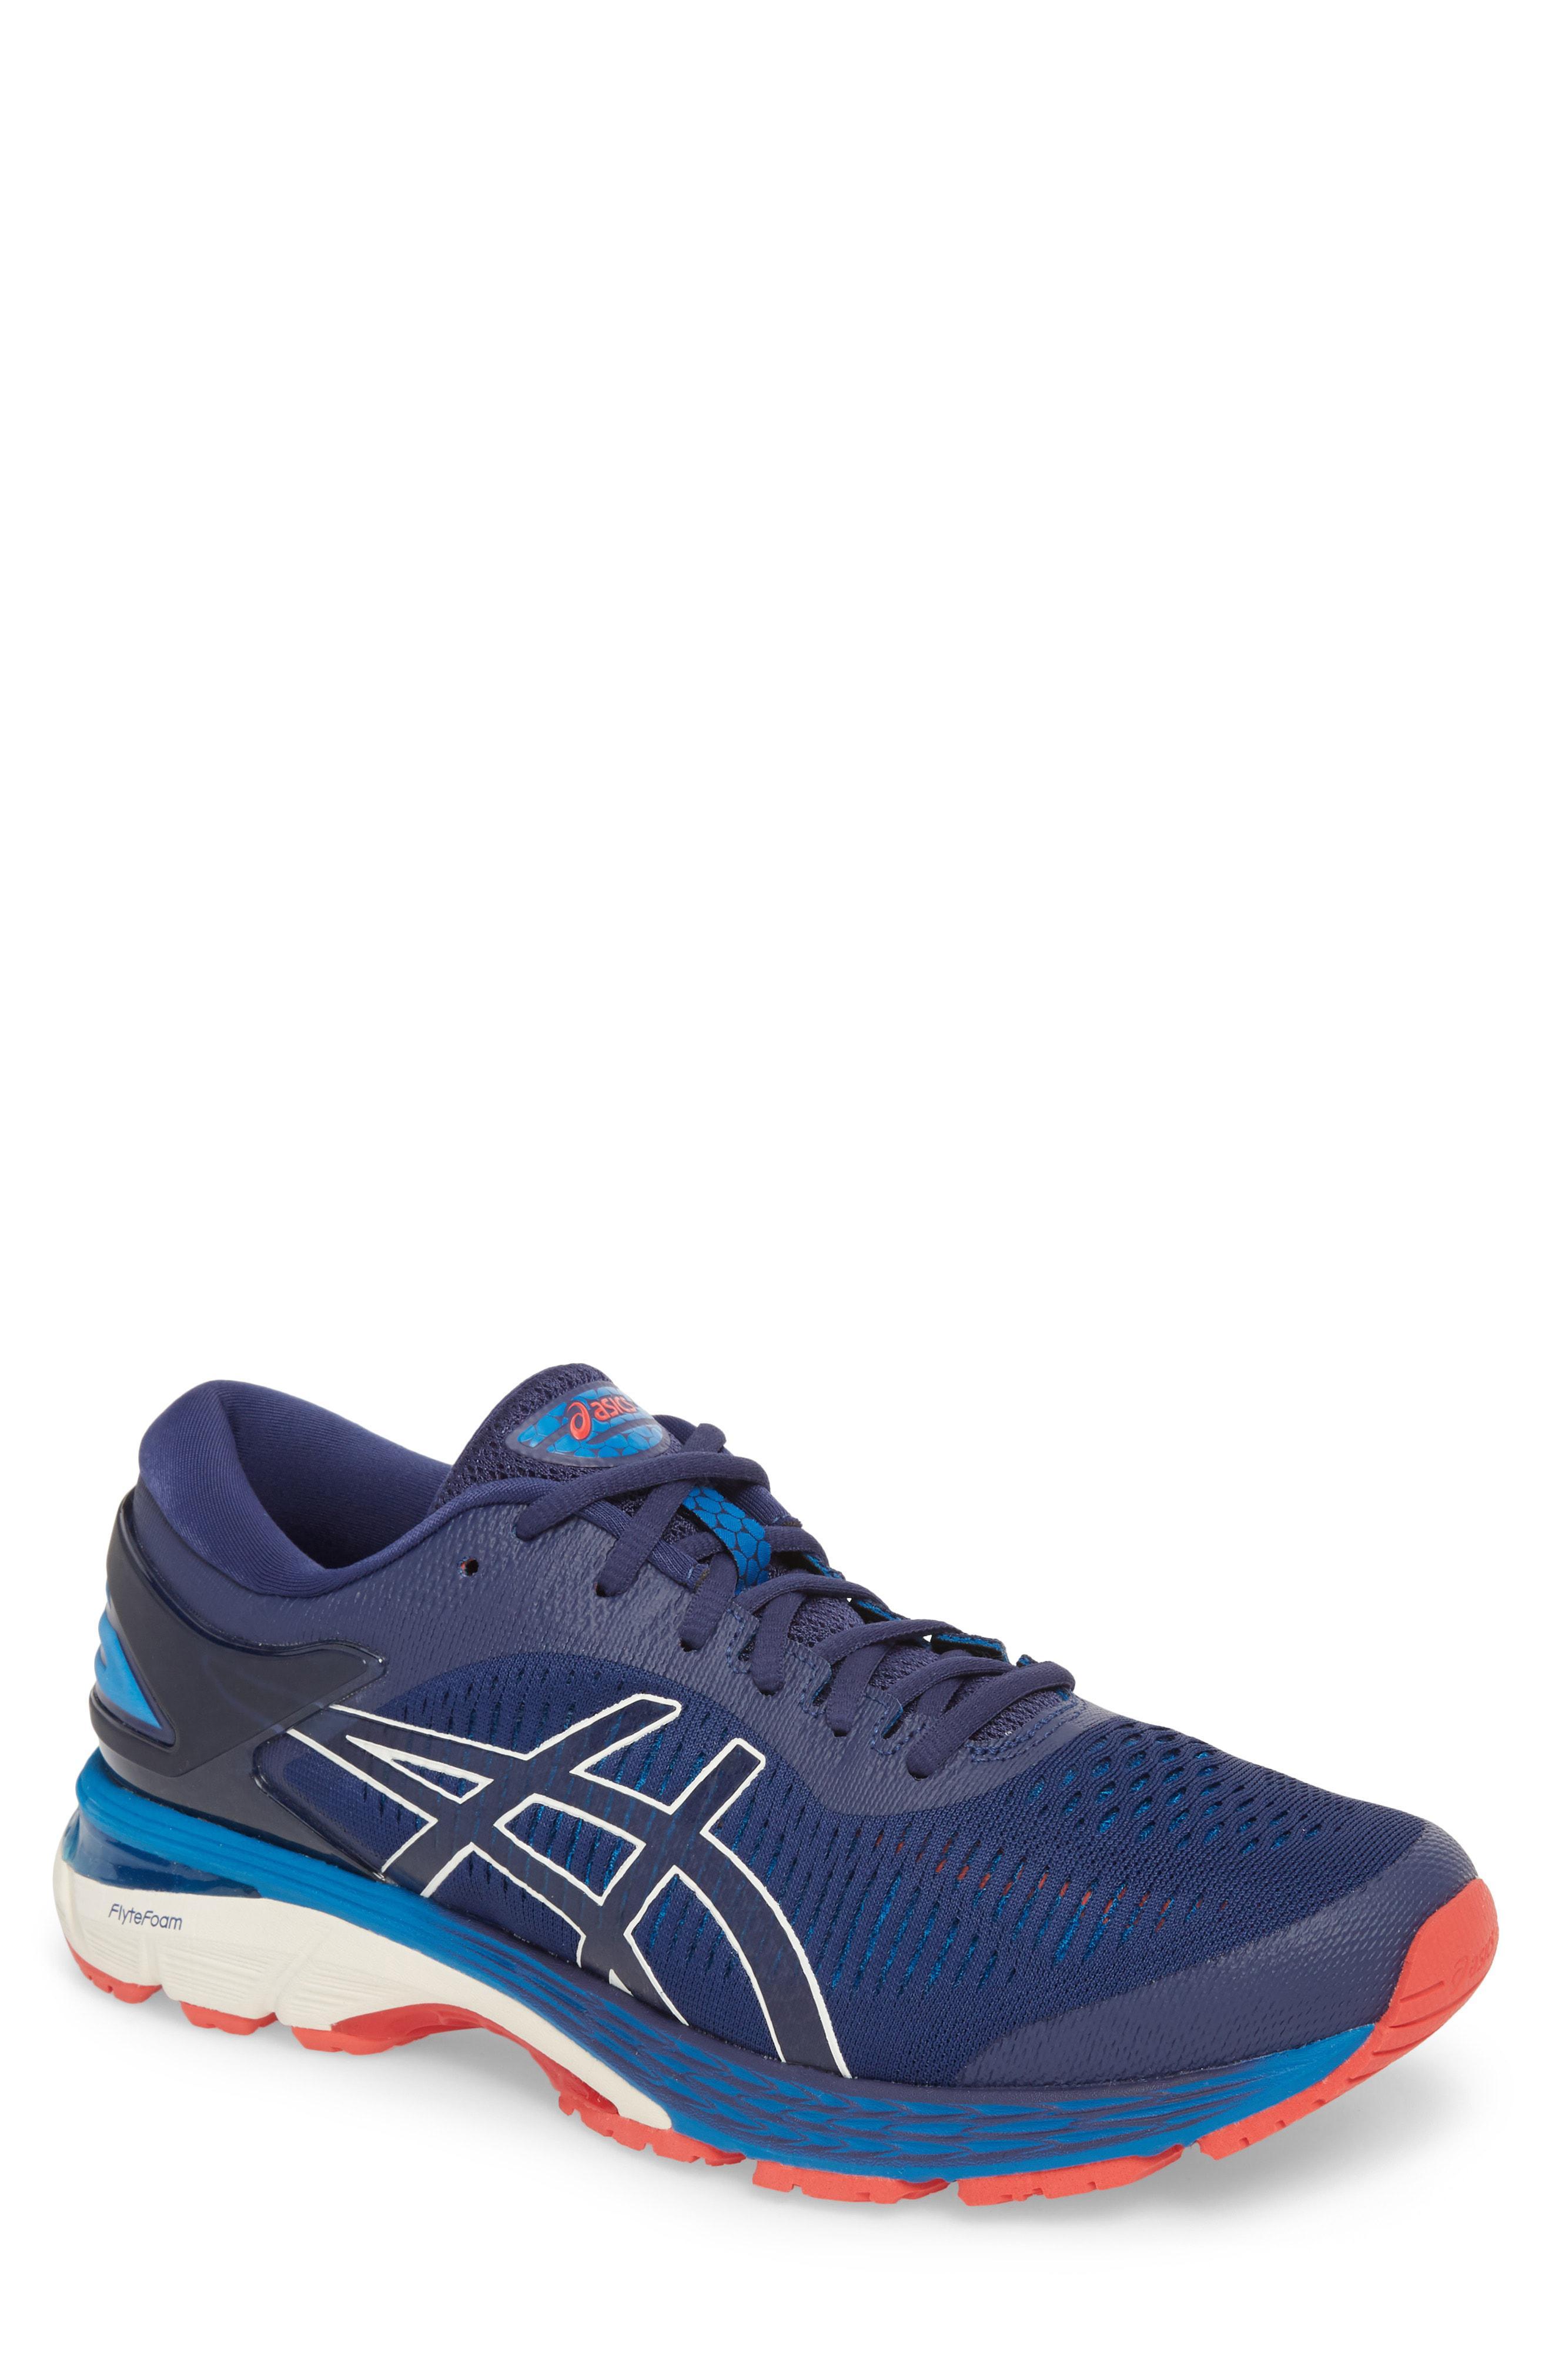 1ae56e5464ea Lyst - Asics Asics Gel-kayano 25 Running Shoe in Blue for Men